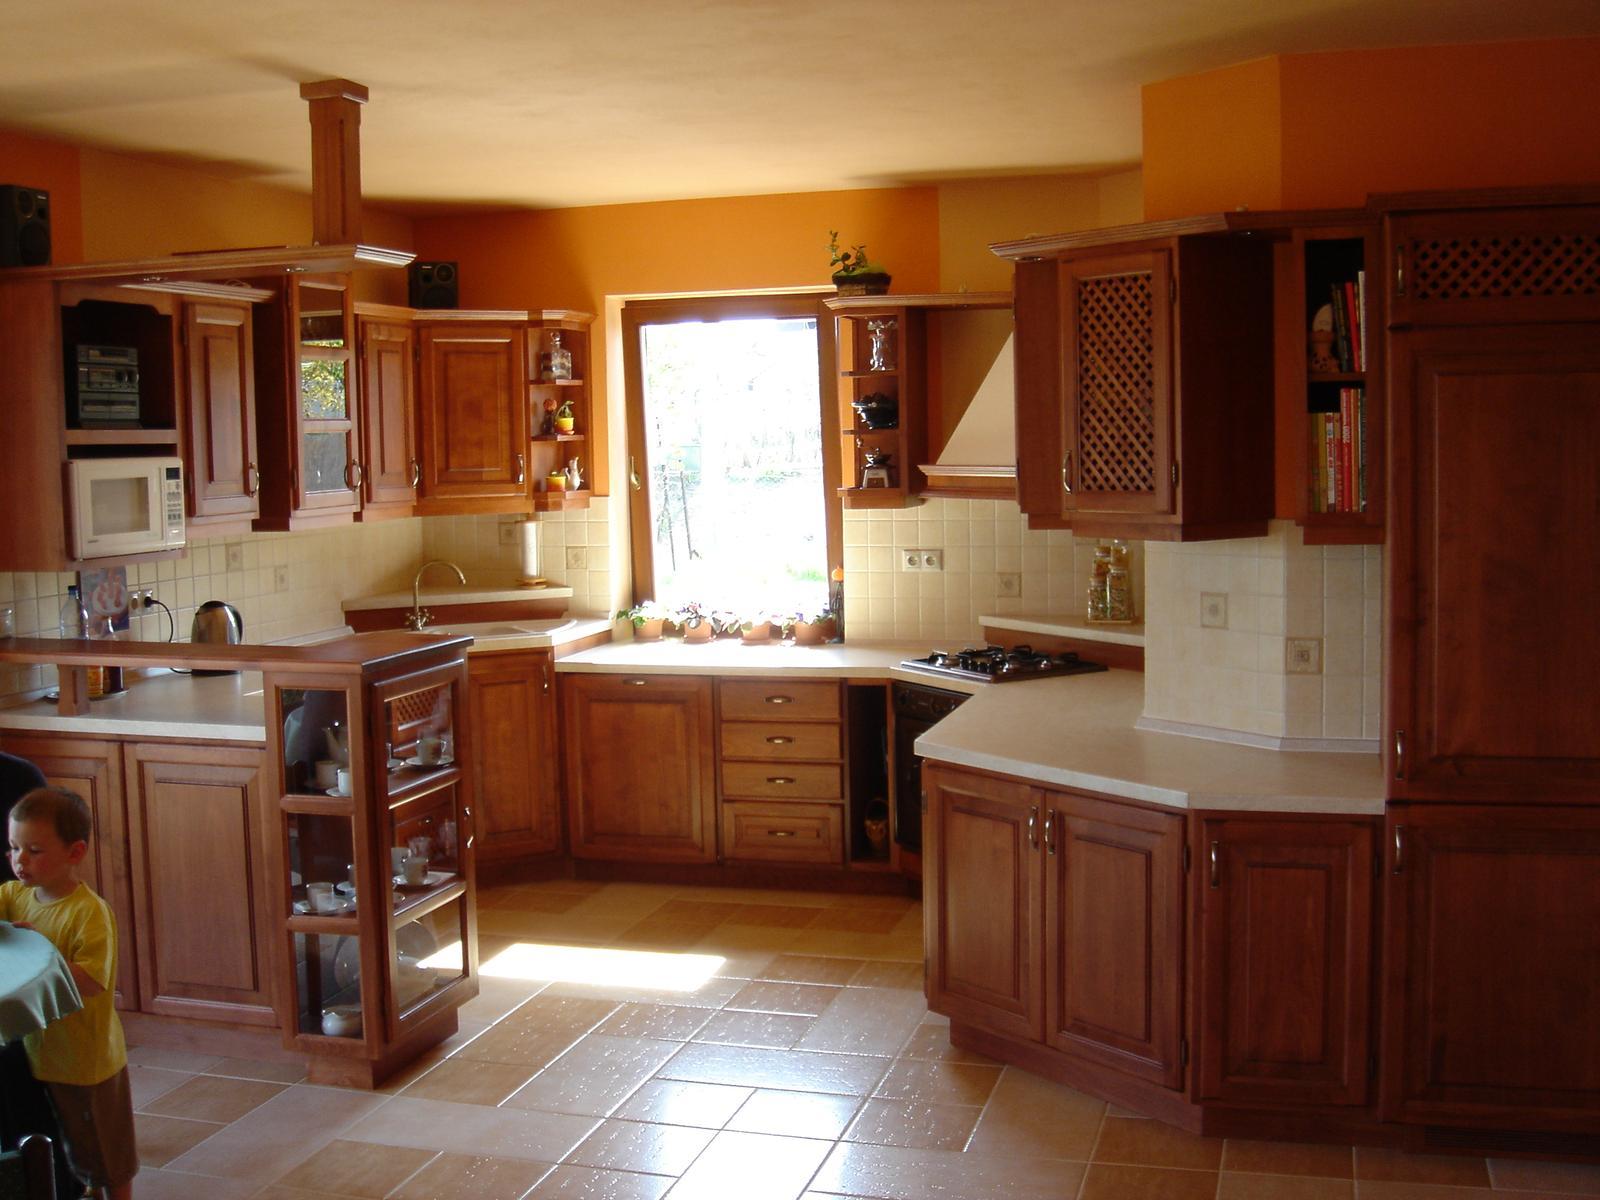 Rustikálne kuchynské linky a rustikálny nábytok - Obrázok č. 5